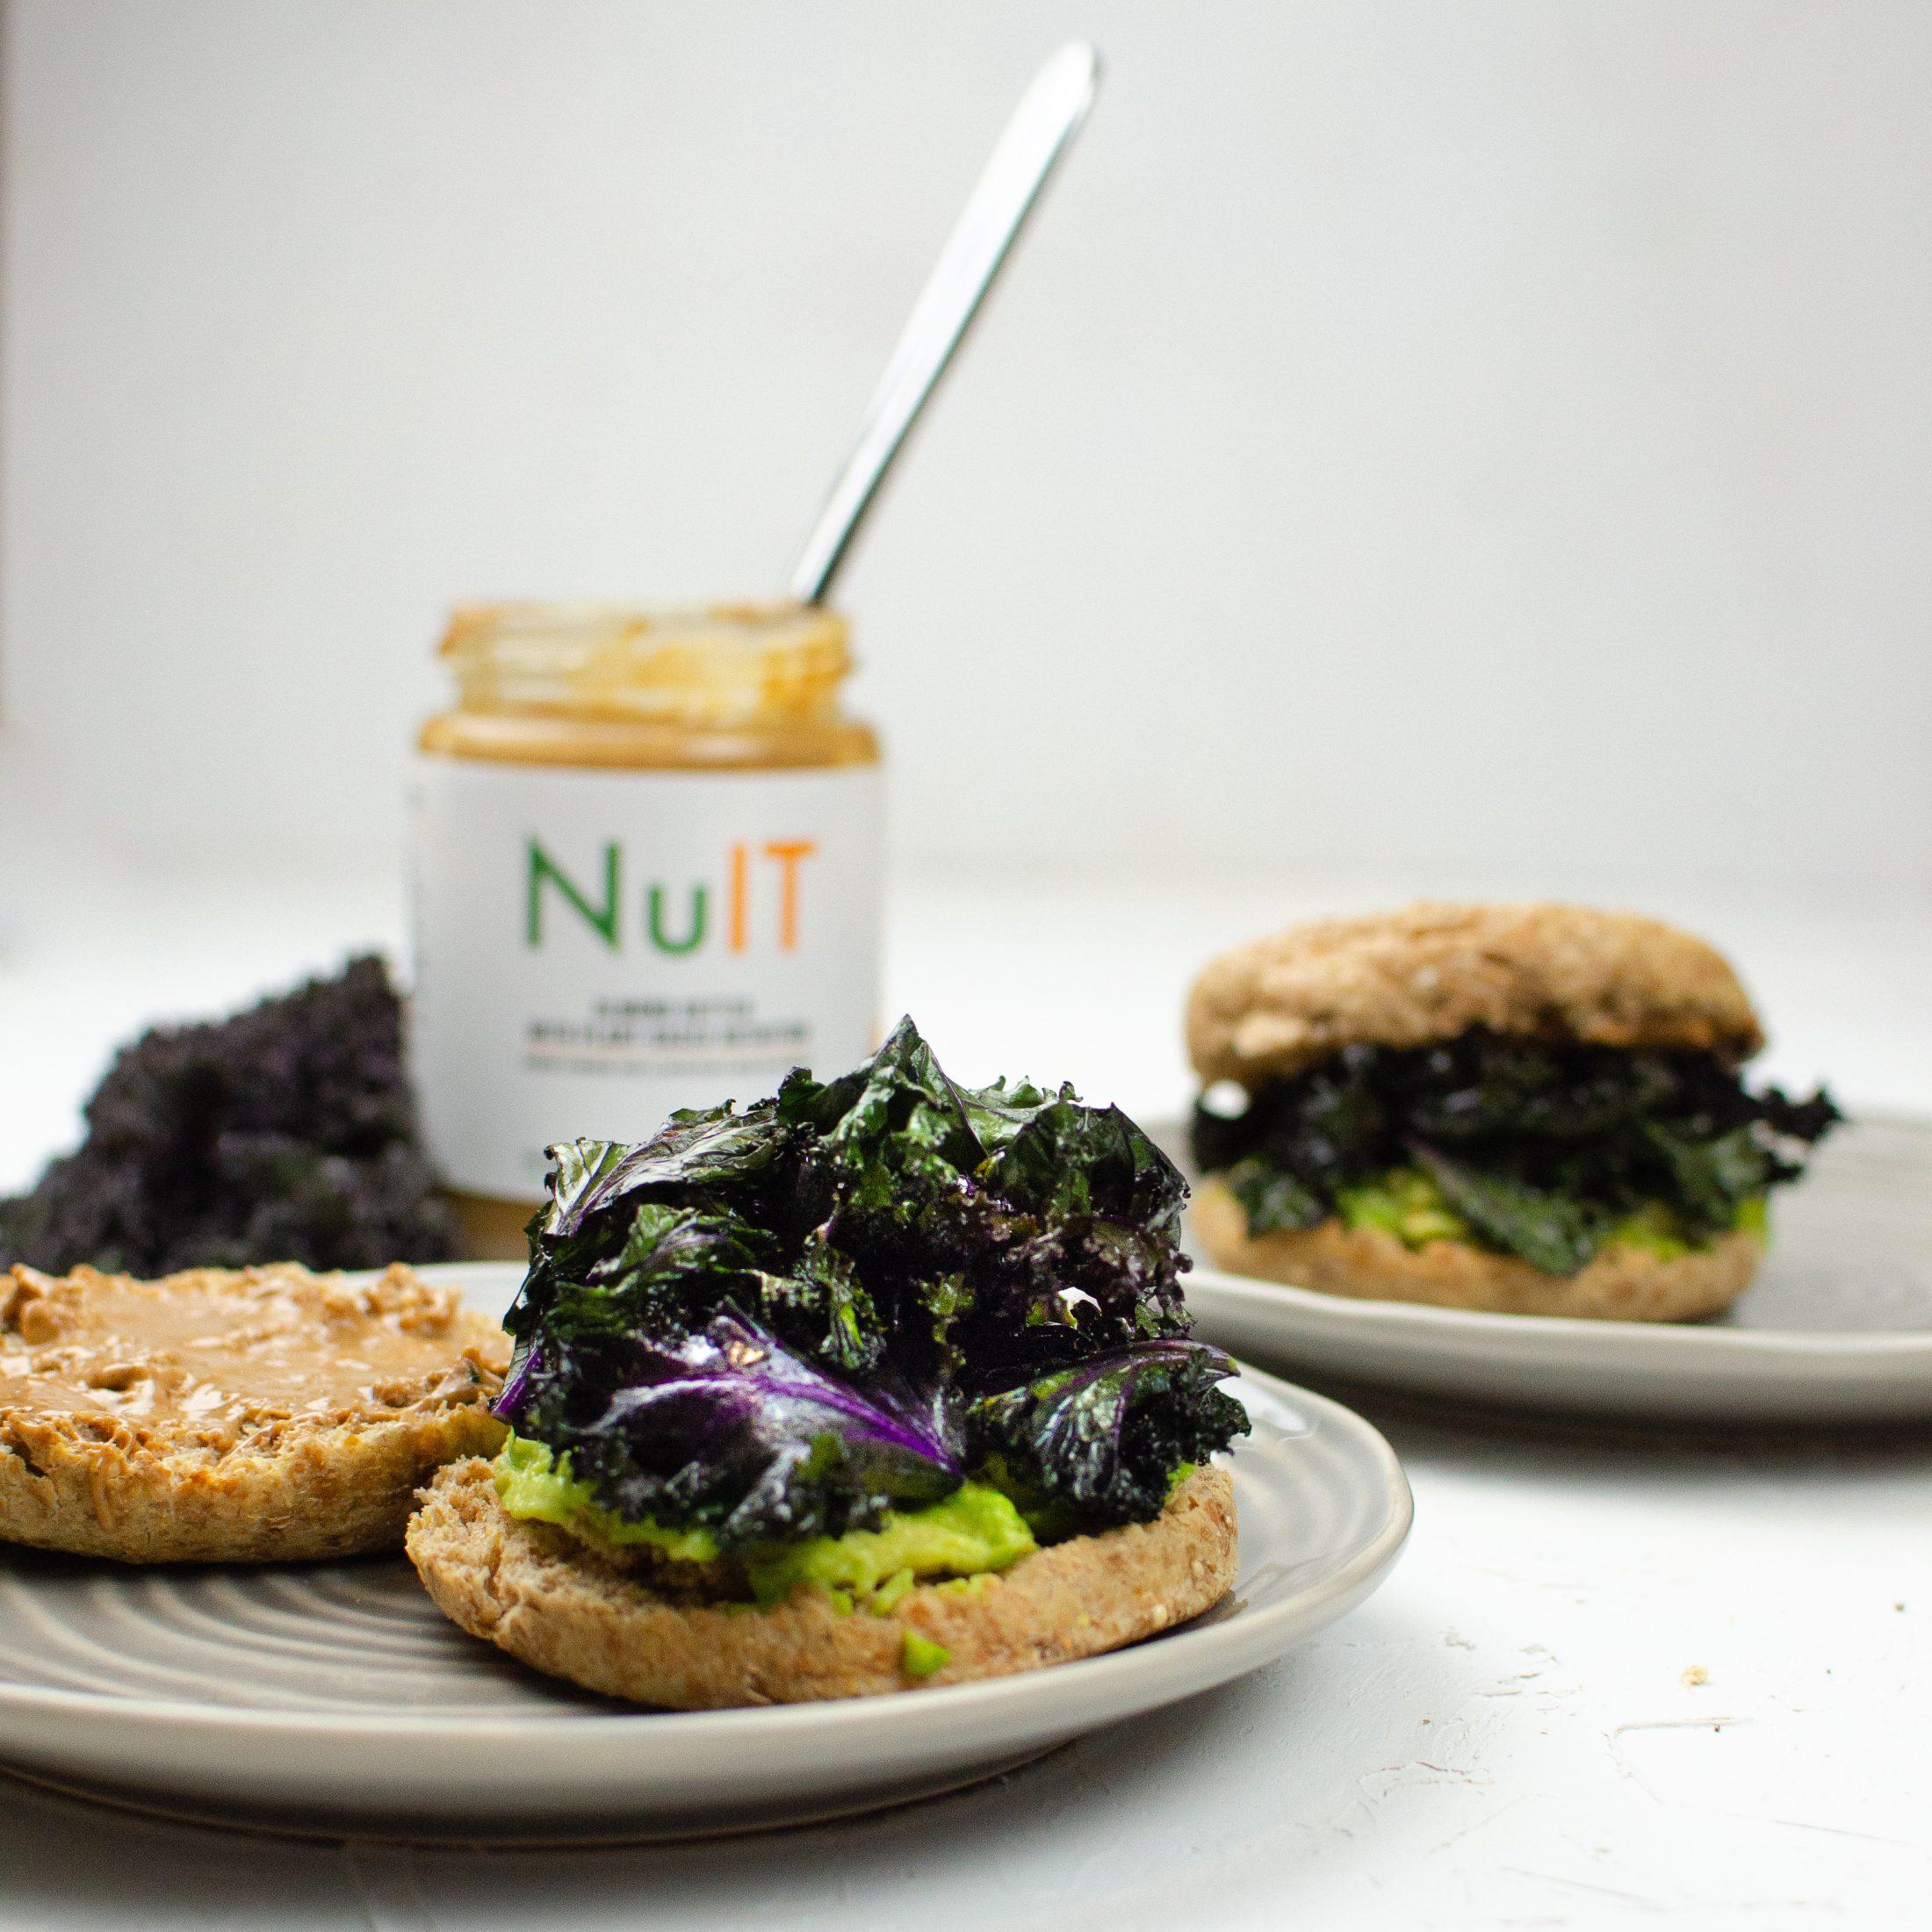 nuit butter breakfast sandwich